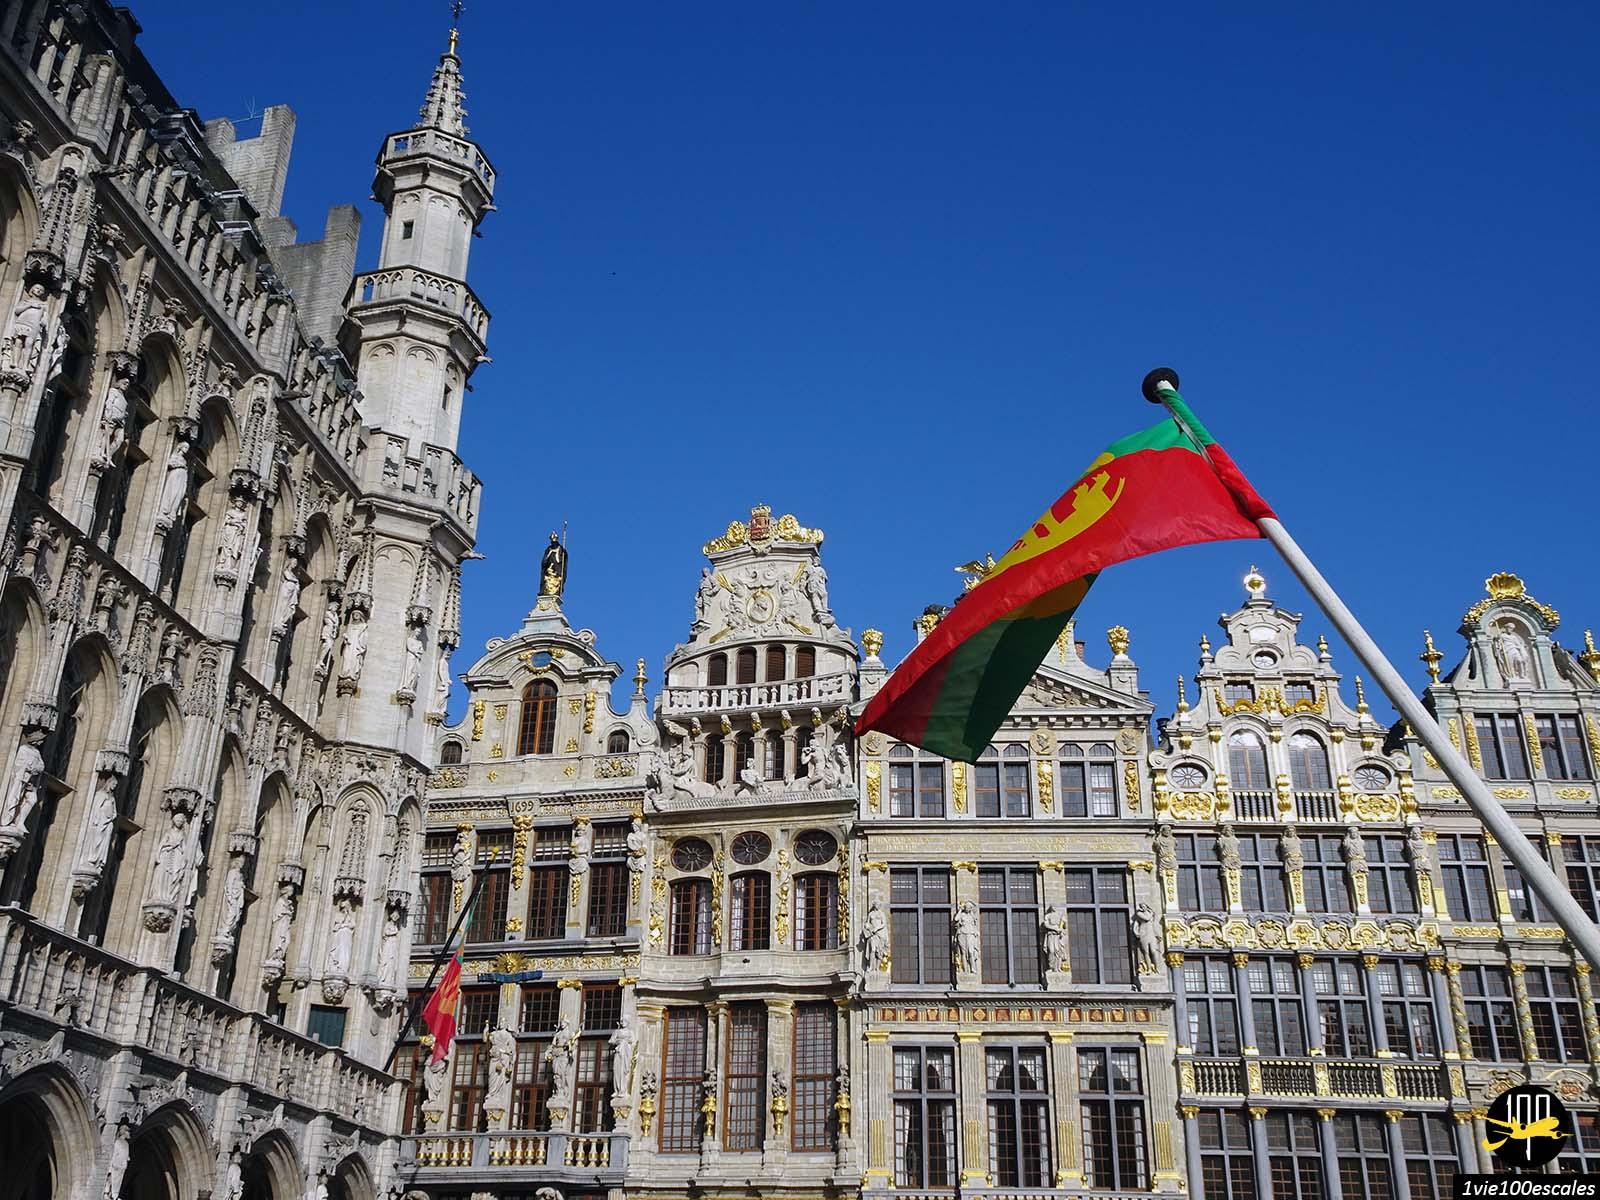 La superbe architecture des maisons de la Grand-Place de Bruxelles